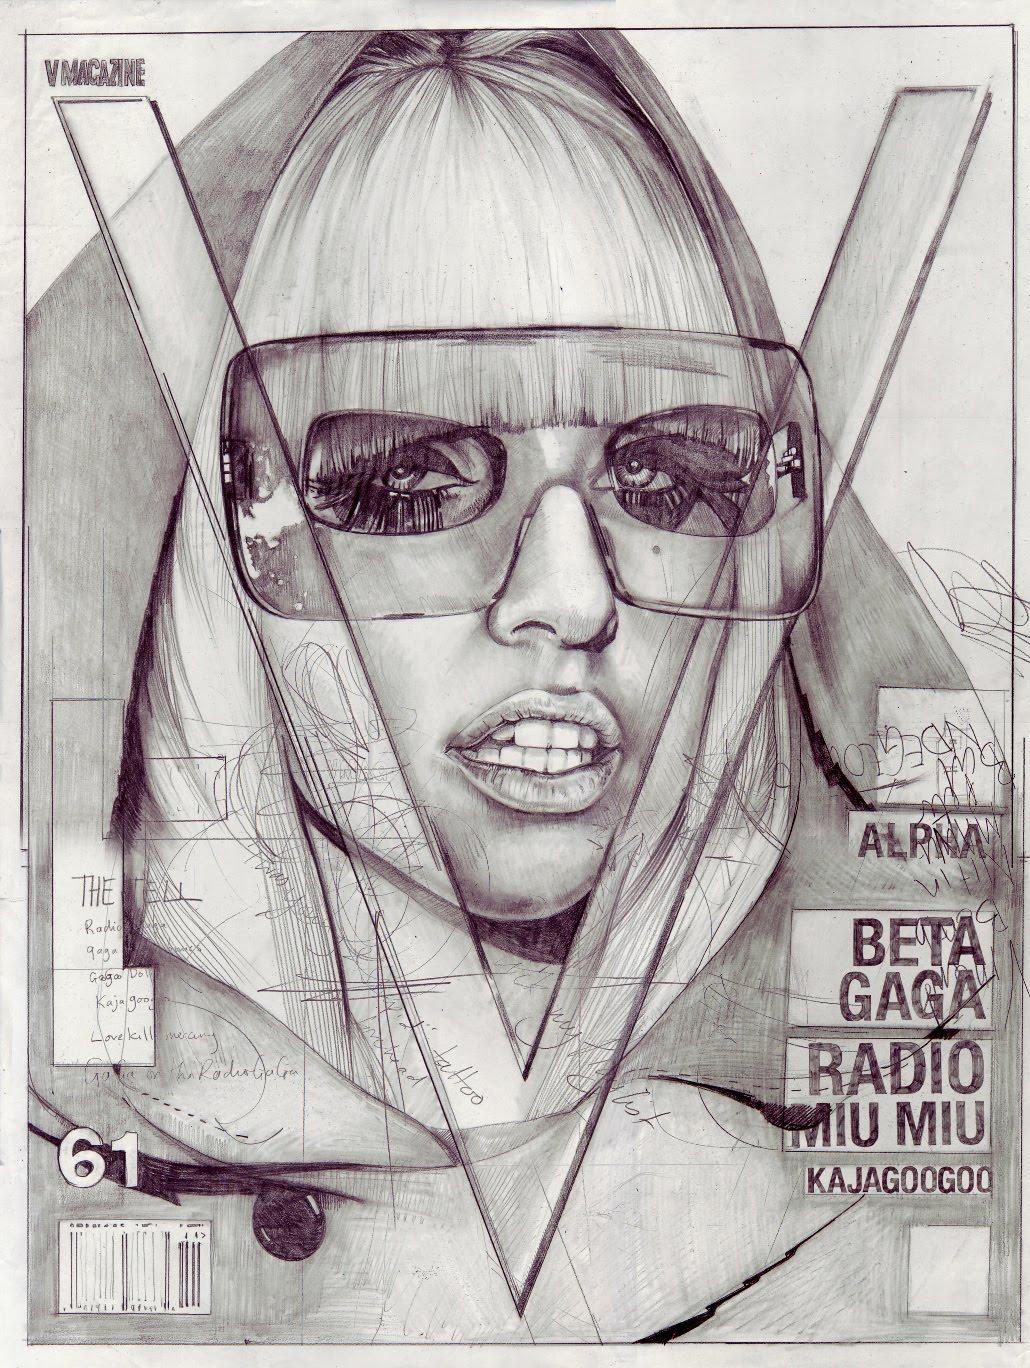 Иллюстрации обложек популярных глянцевых журналов